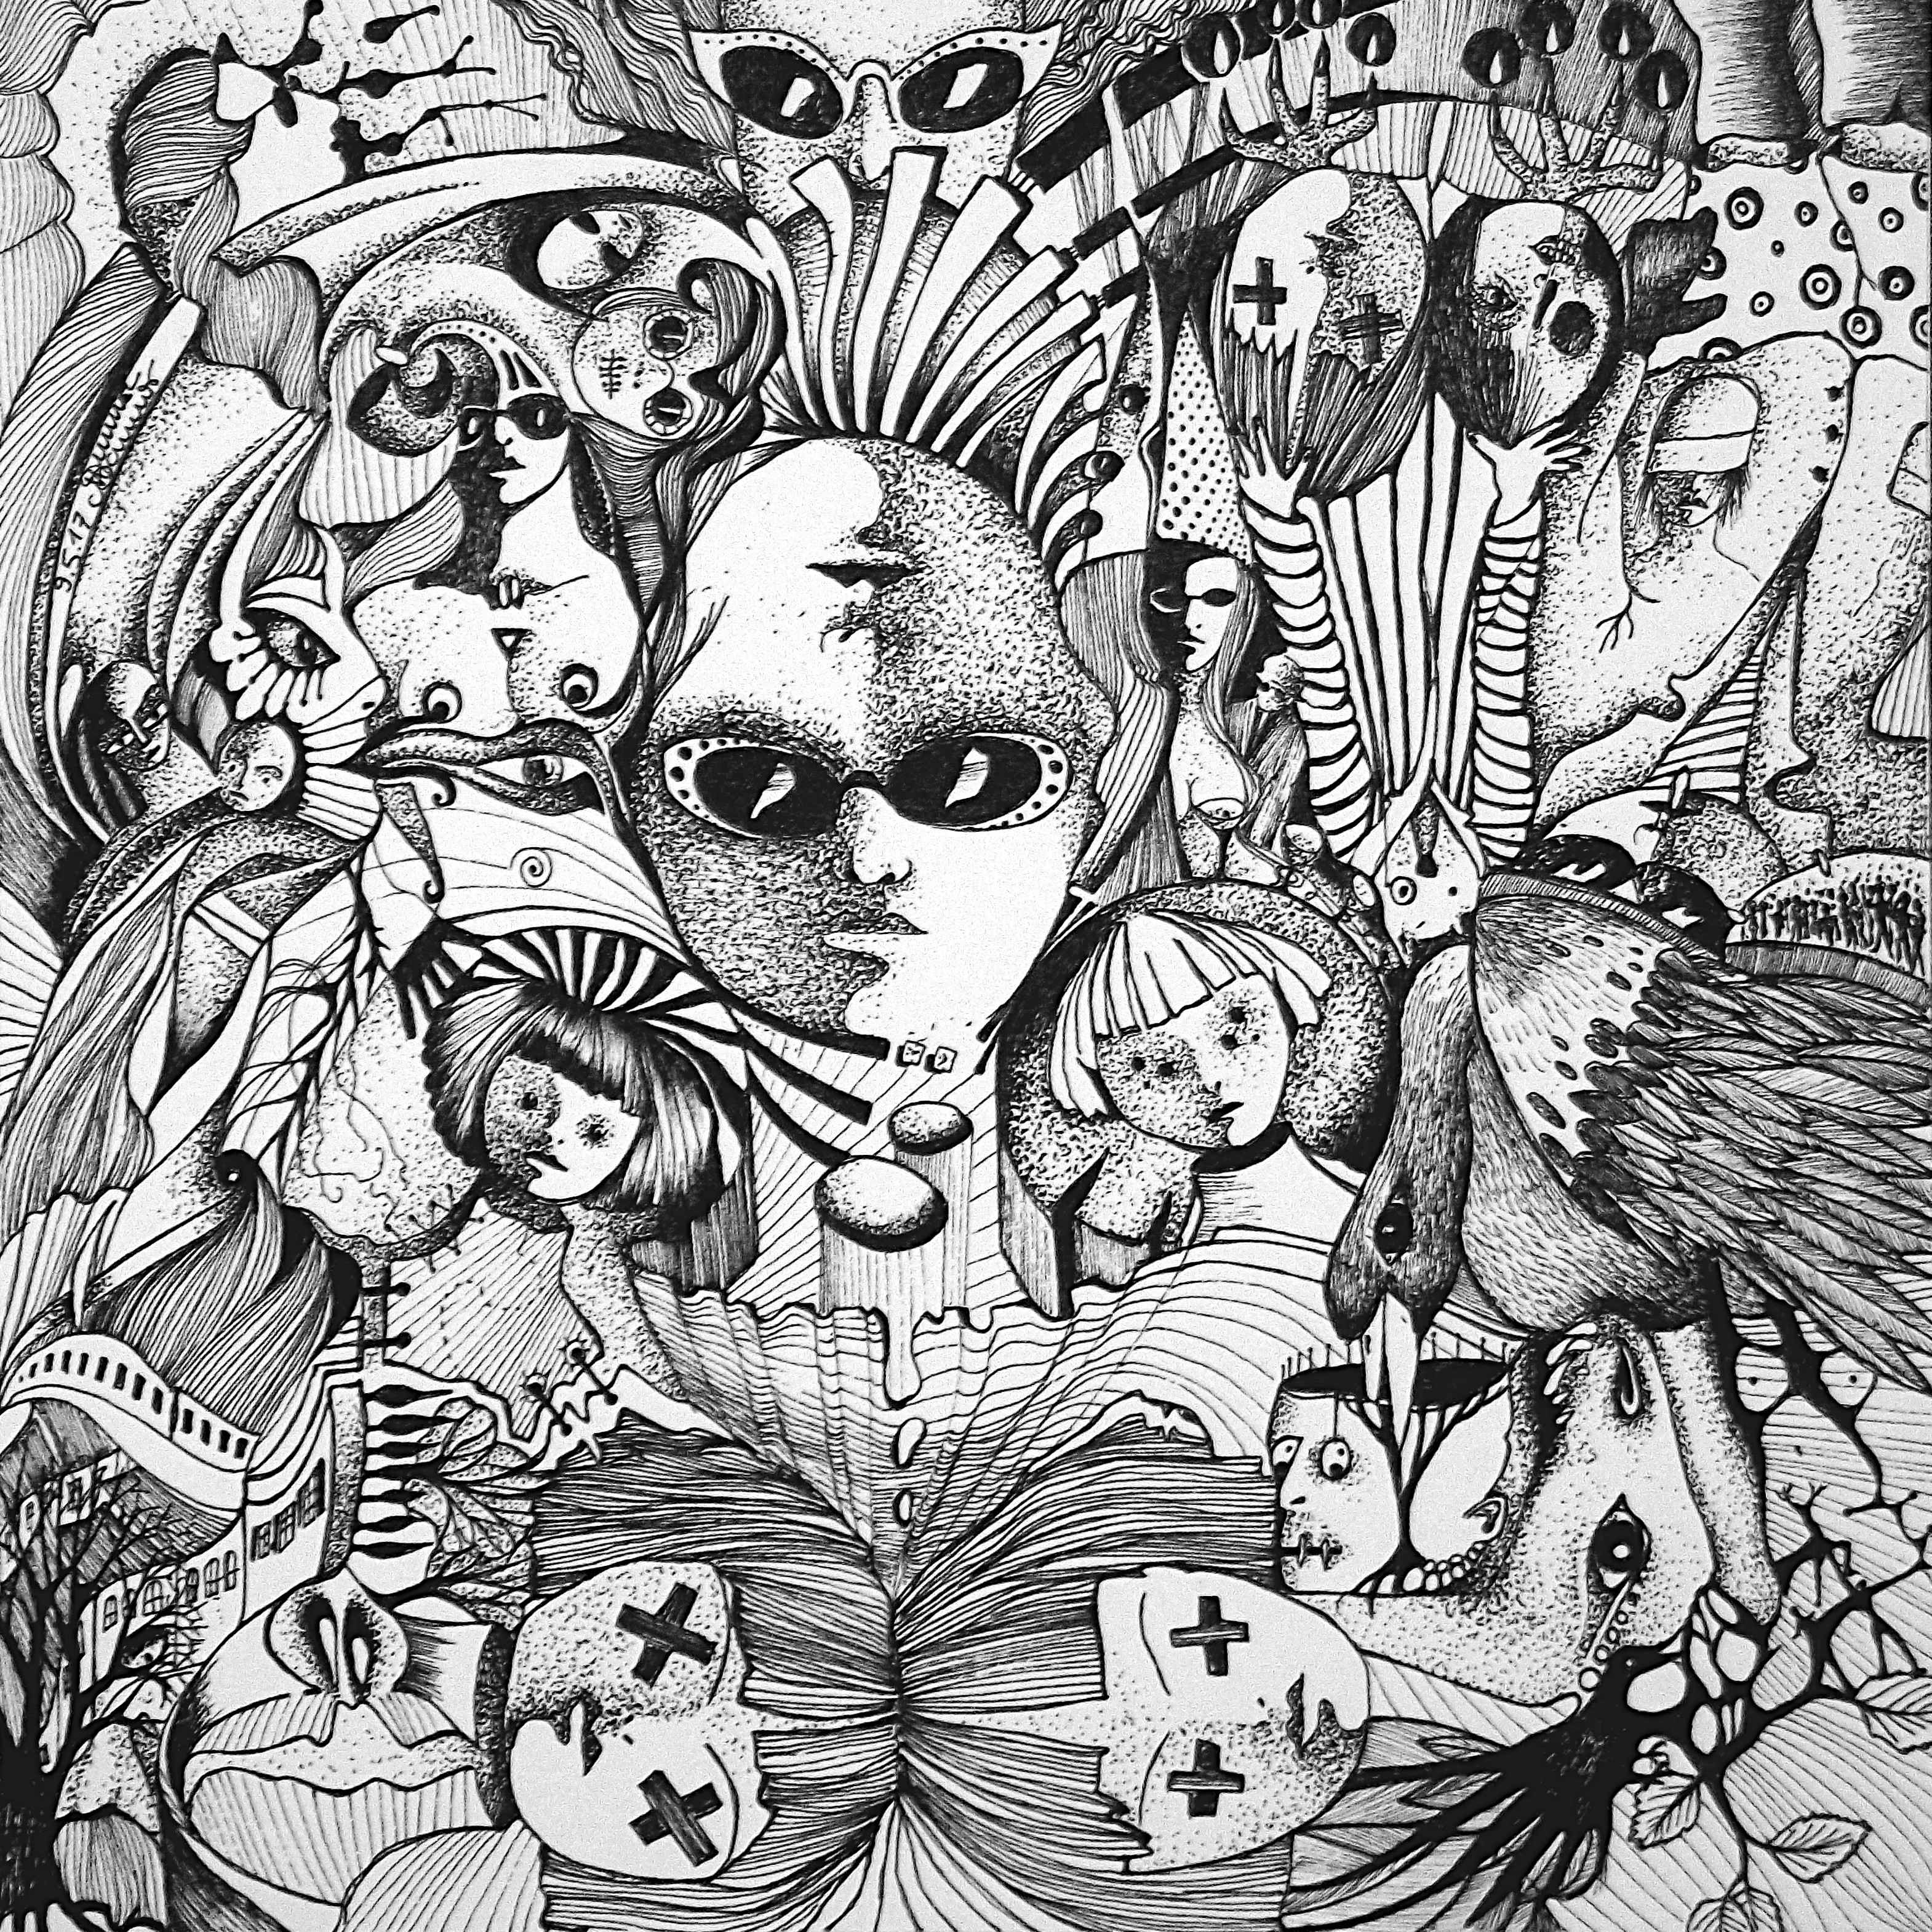 Zeichnung Nr. 42 | Tinte auf Papier | 18,5 x 18,5 cm (Papierformat 25 x 25 cm)